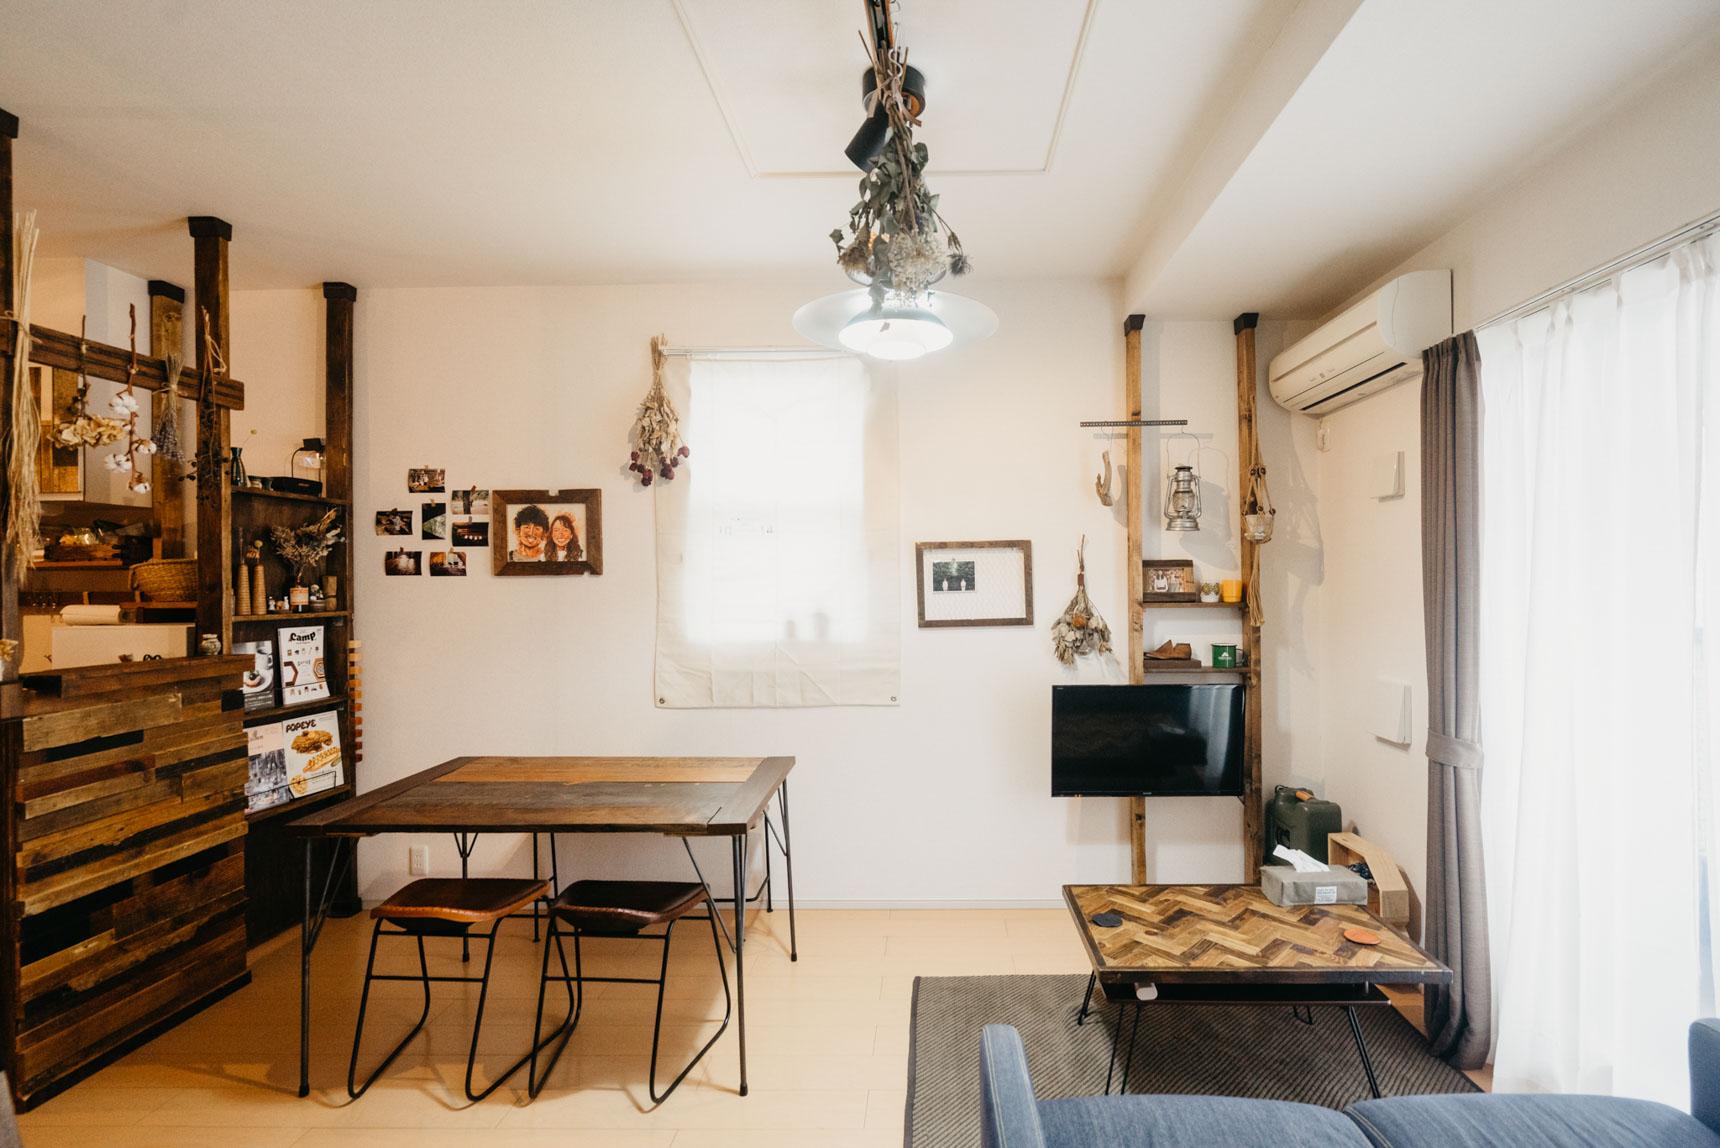 キッチンを含めて13畳ほどのLDKに、DIYのダイニングテーブル、ローテーブル、ソファを配置した例。